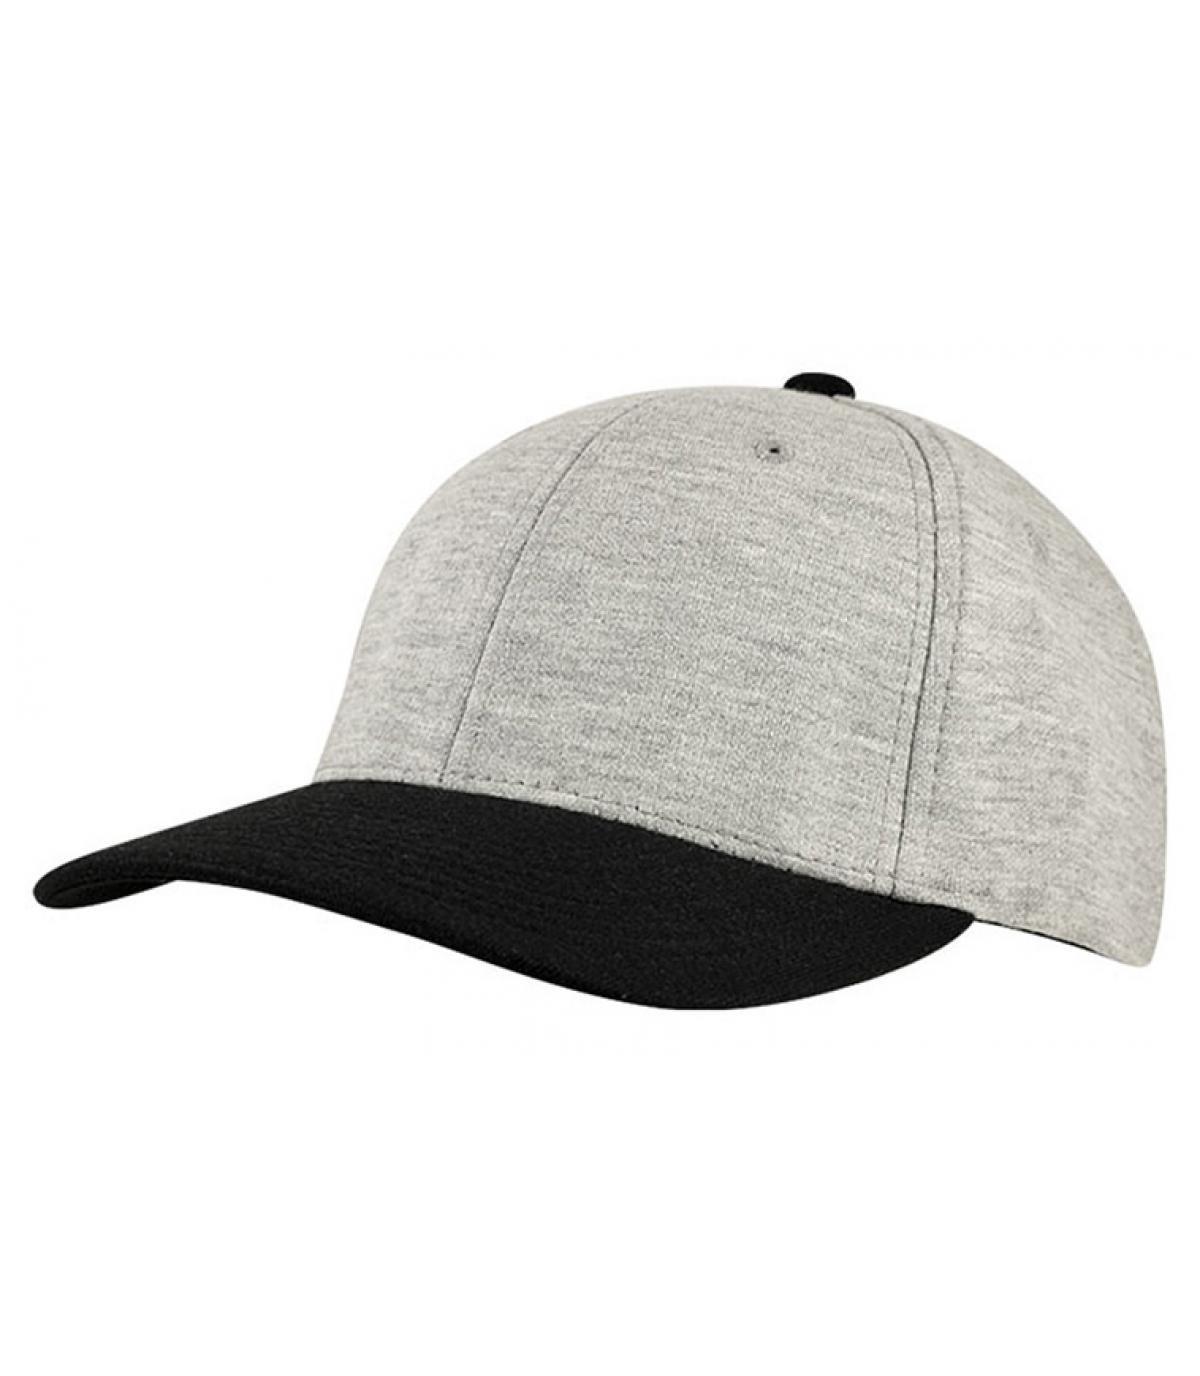 Détails Casquette jersey gris noir - image 2